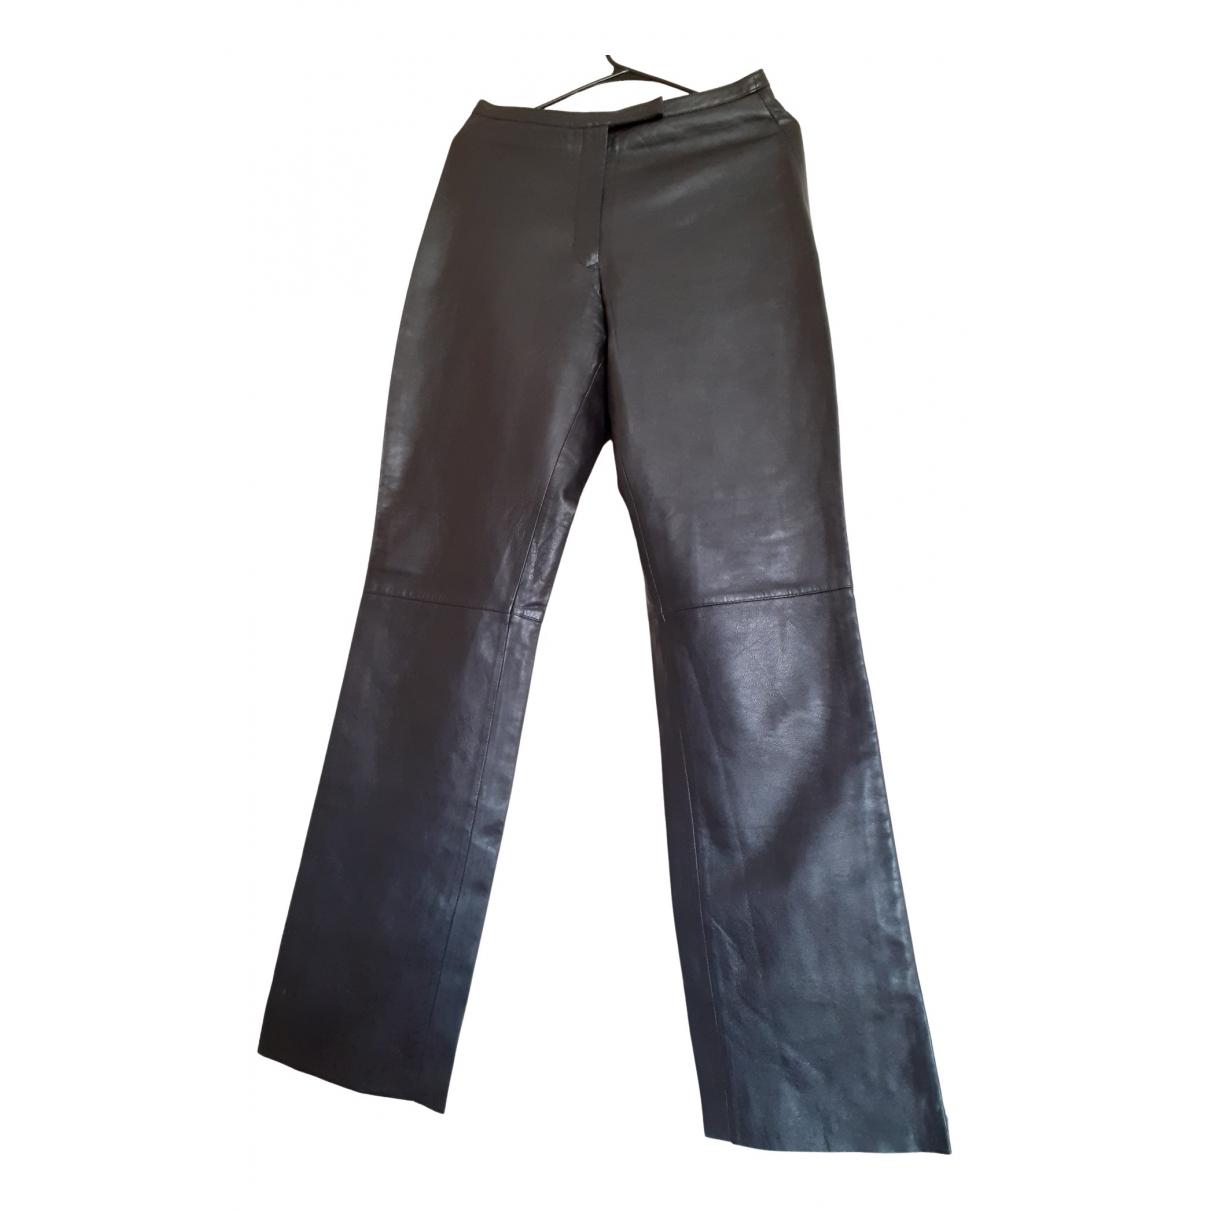 Pantalon recto de Cuero Non Signe / Unsigned